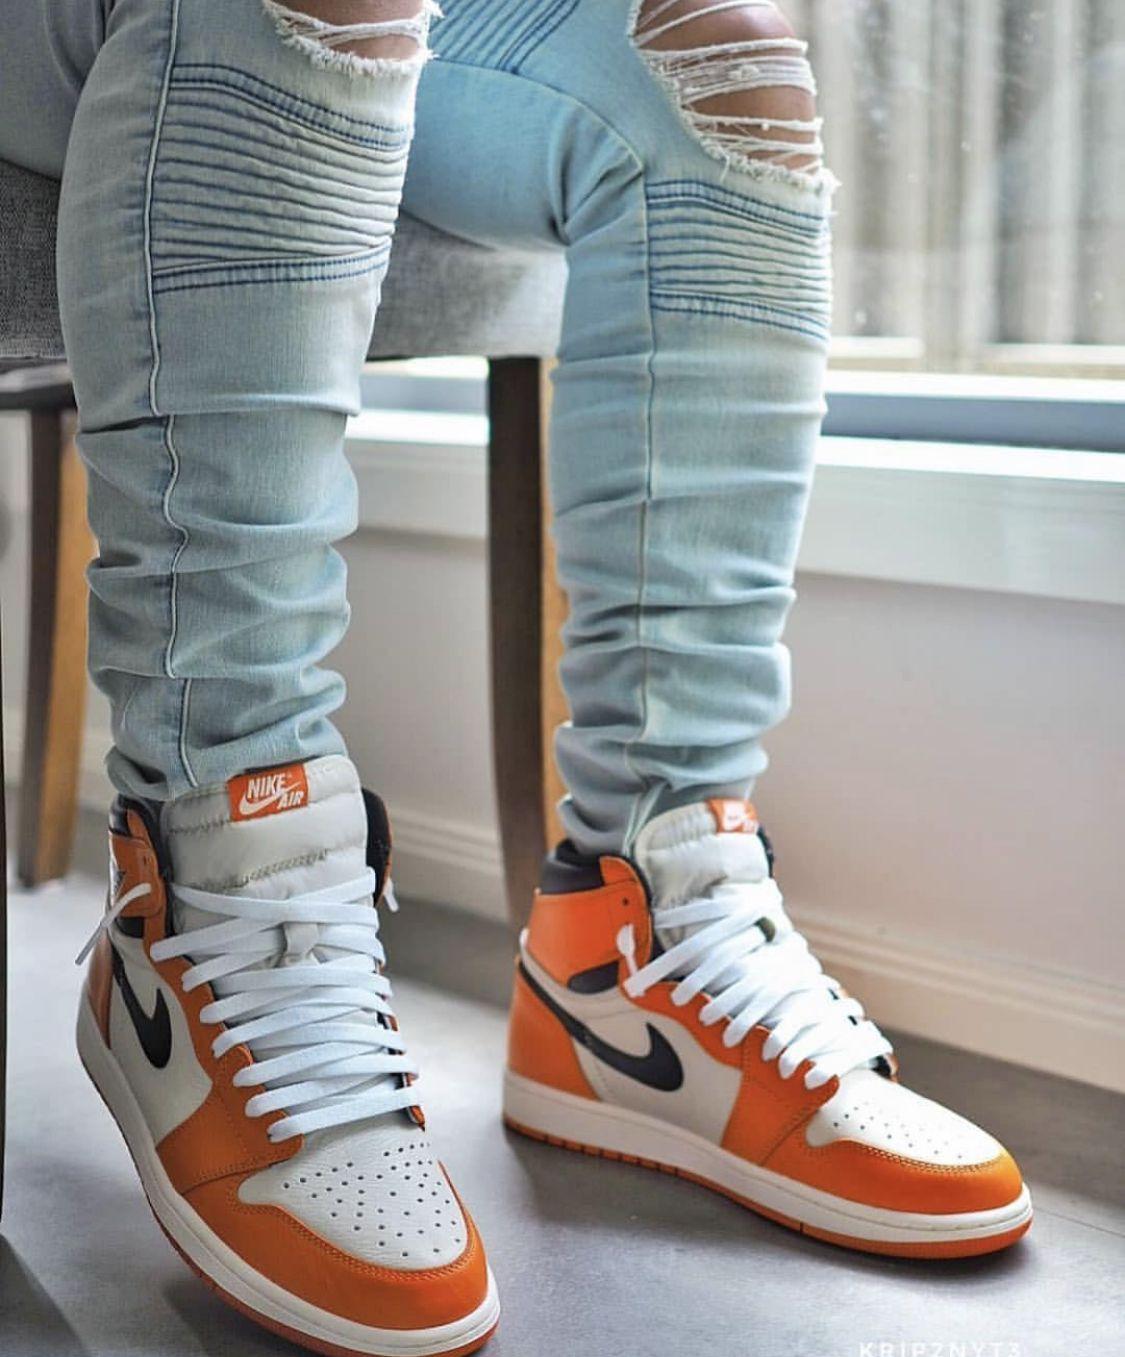 jordan sneakers outfit